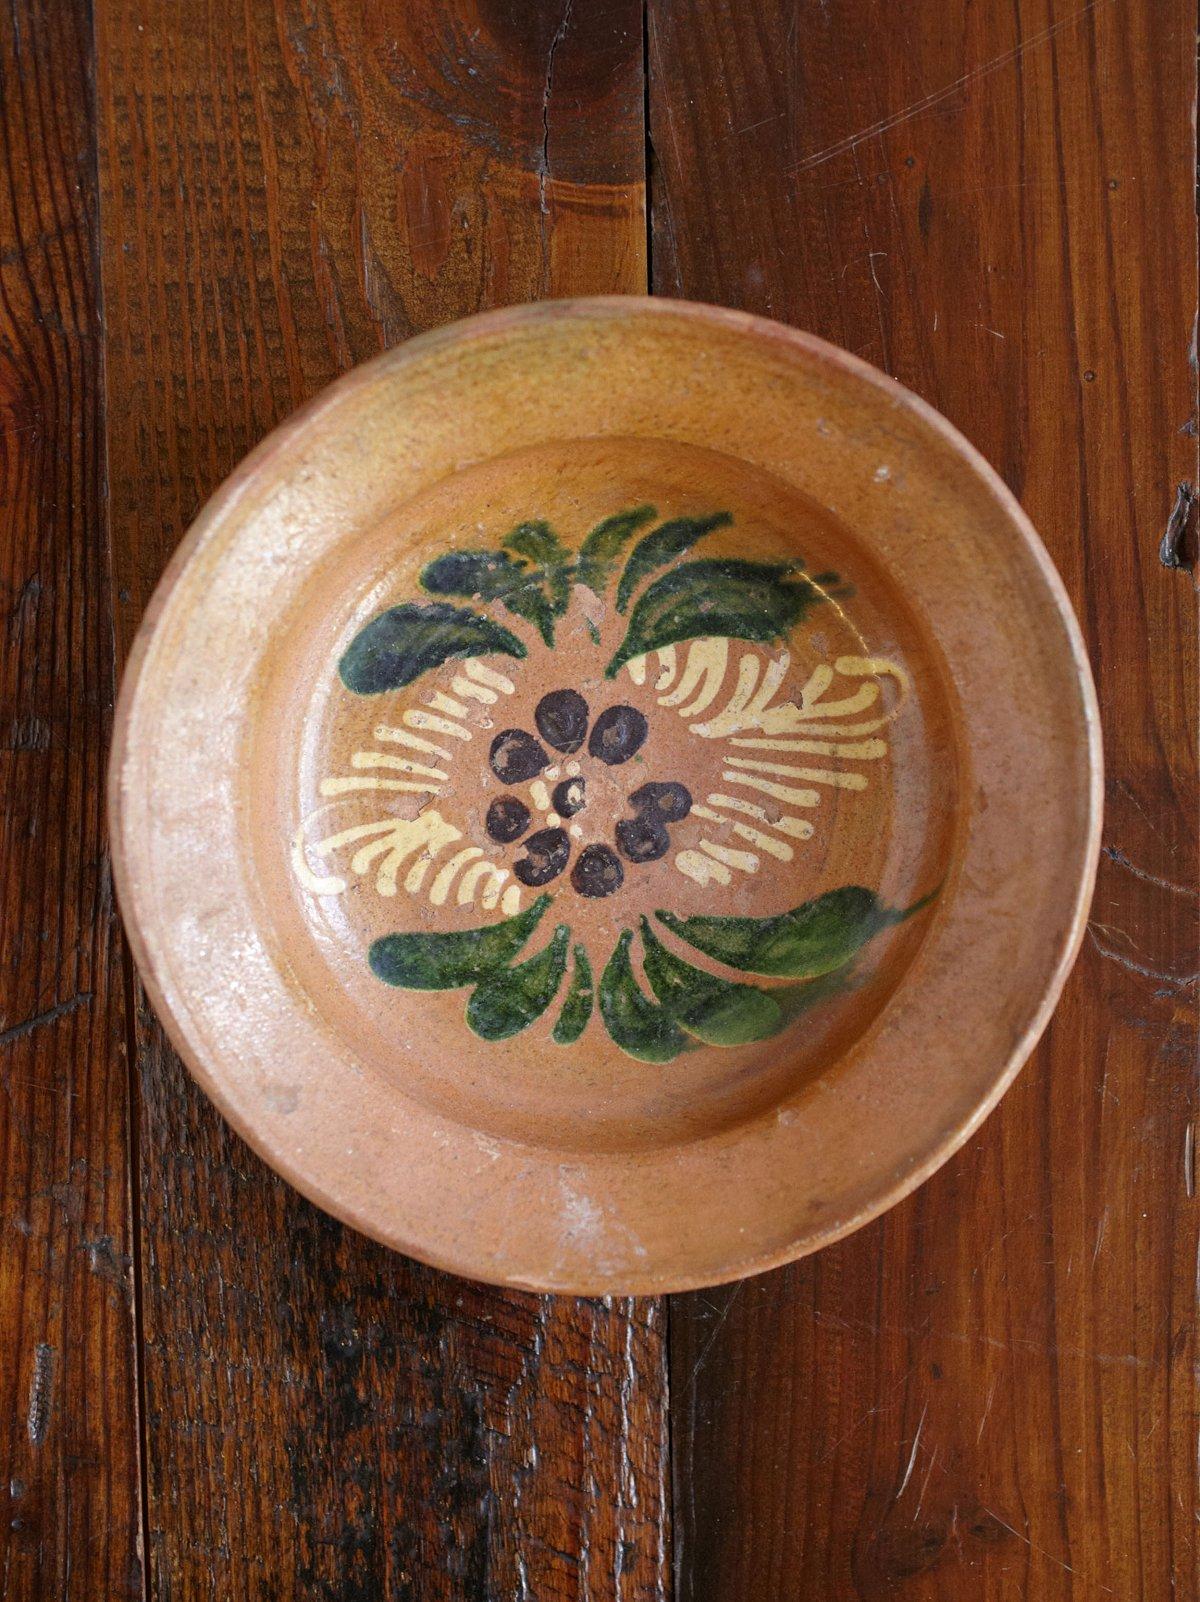 Vintage 1970s Ceramic Bowl